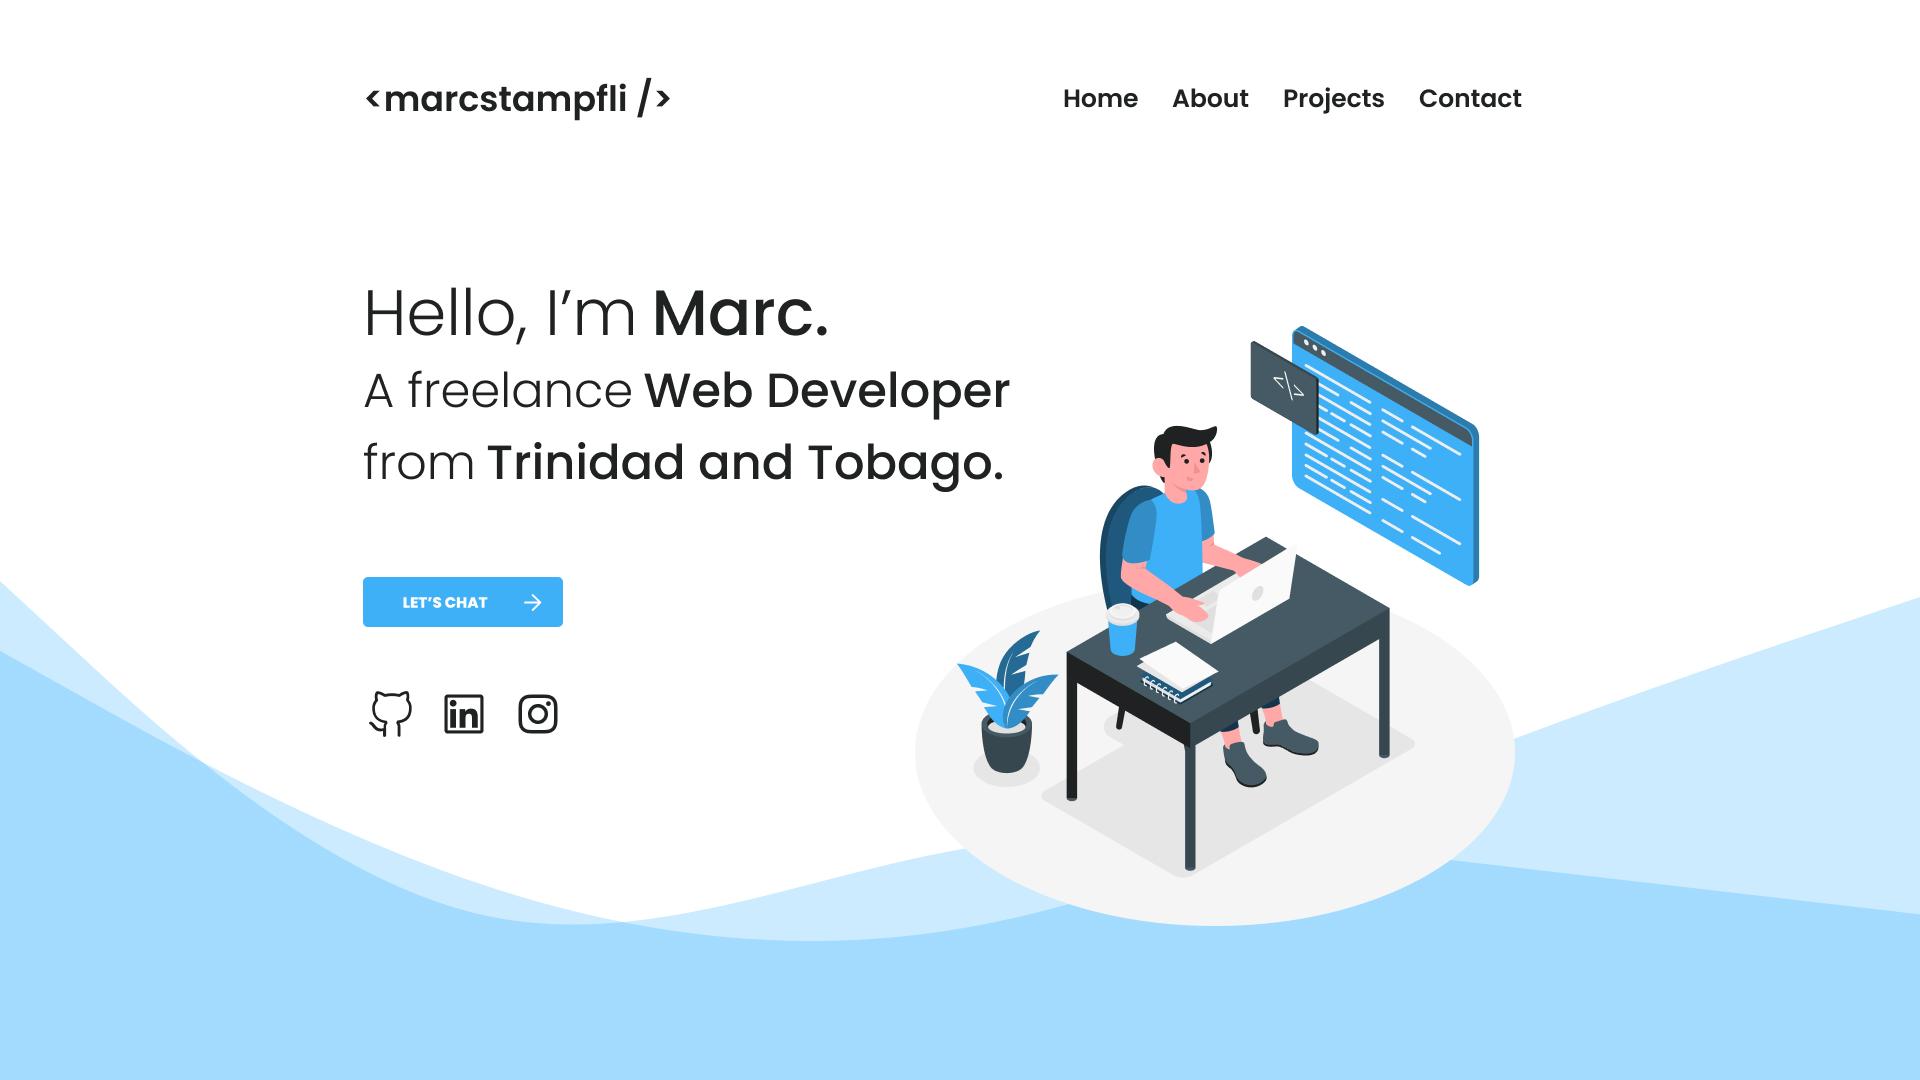 Marc Stämpfli UI Design